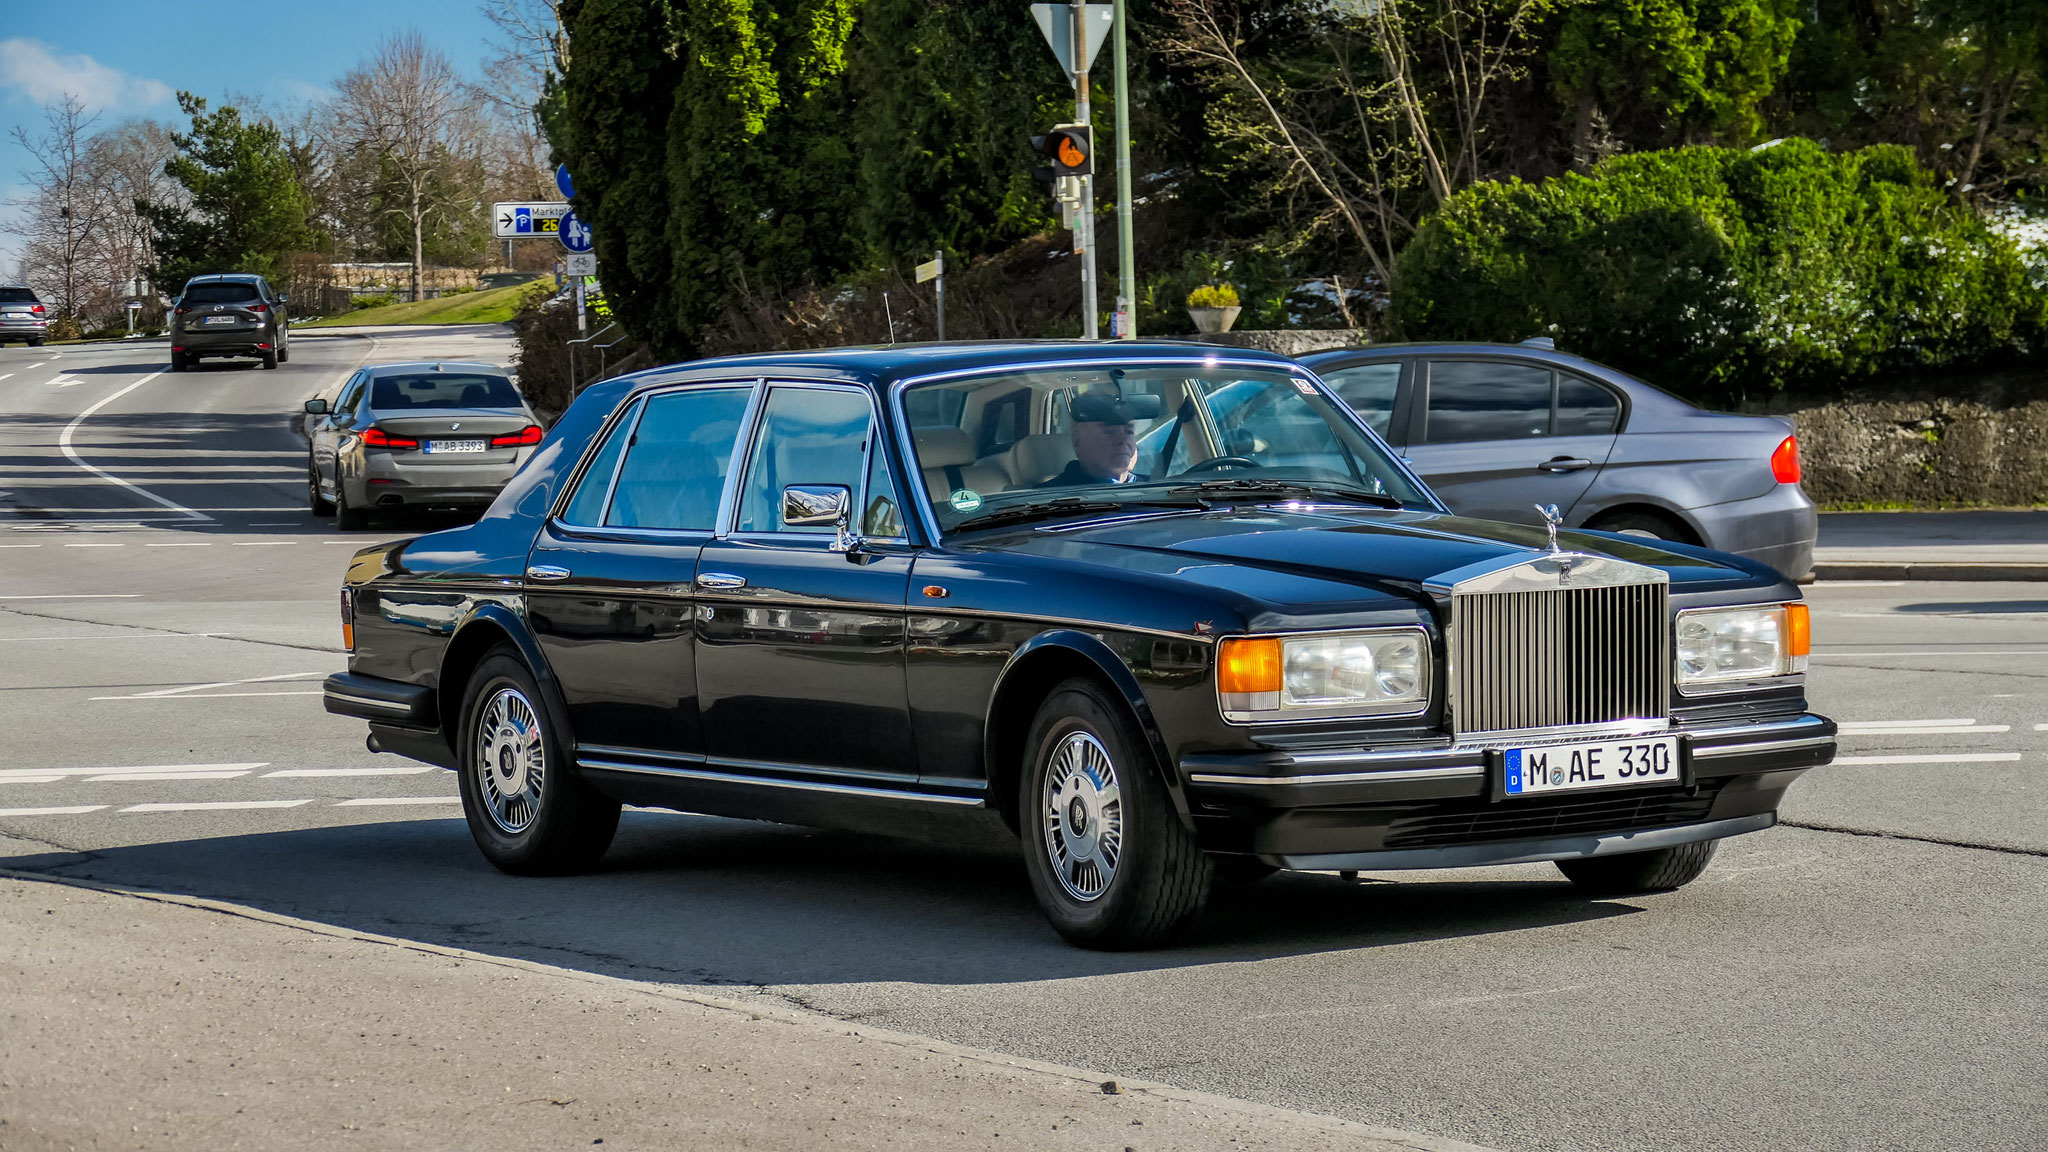 Rolls Royce Silver Spirit - M-AE-330